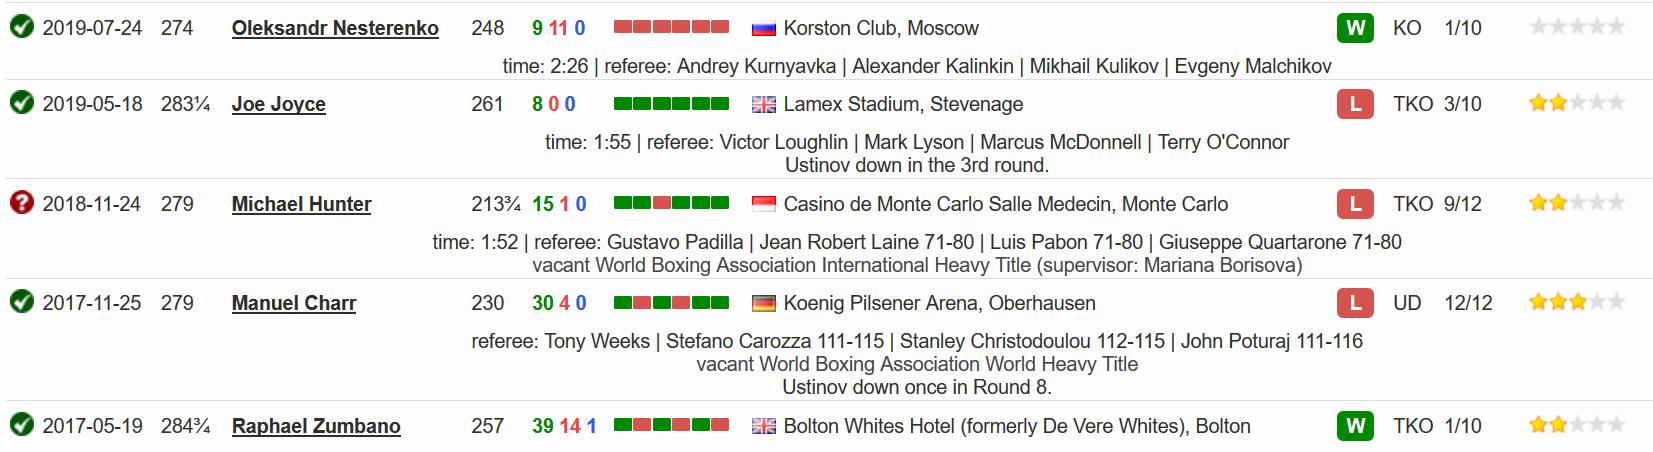 Последние 5 боев в боксерской карьере Александра Устинова